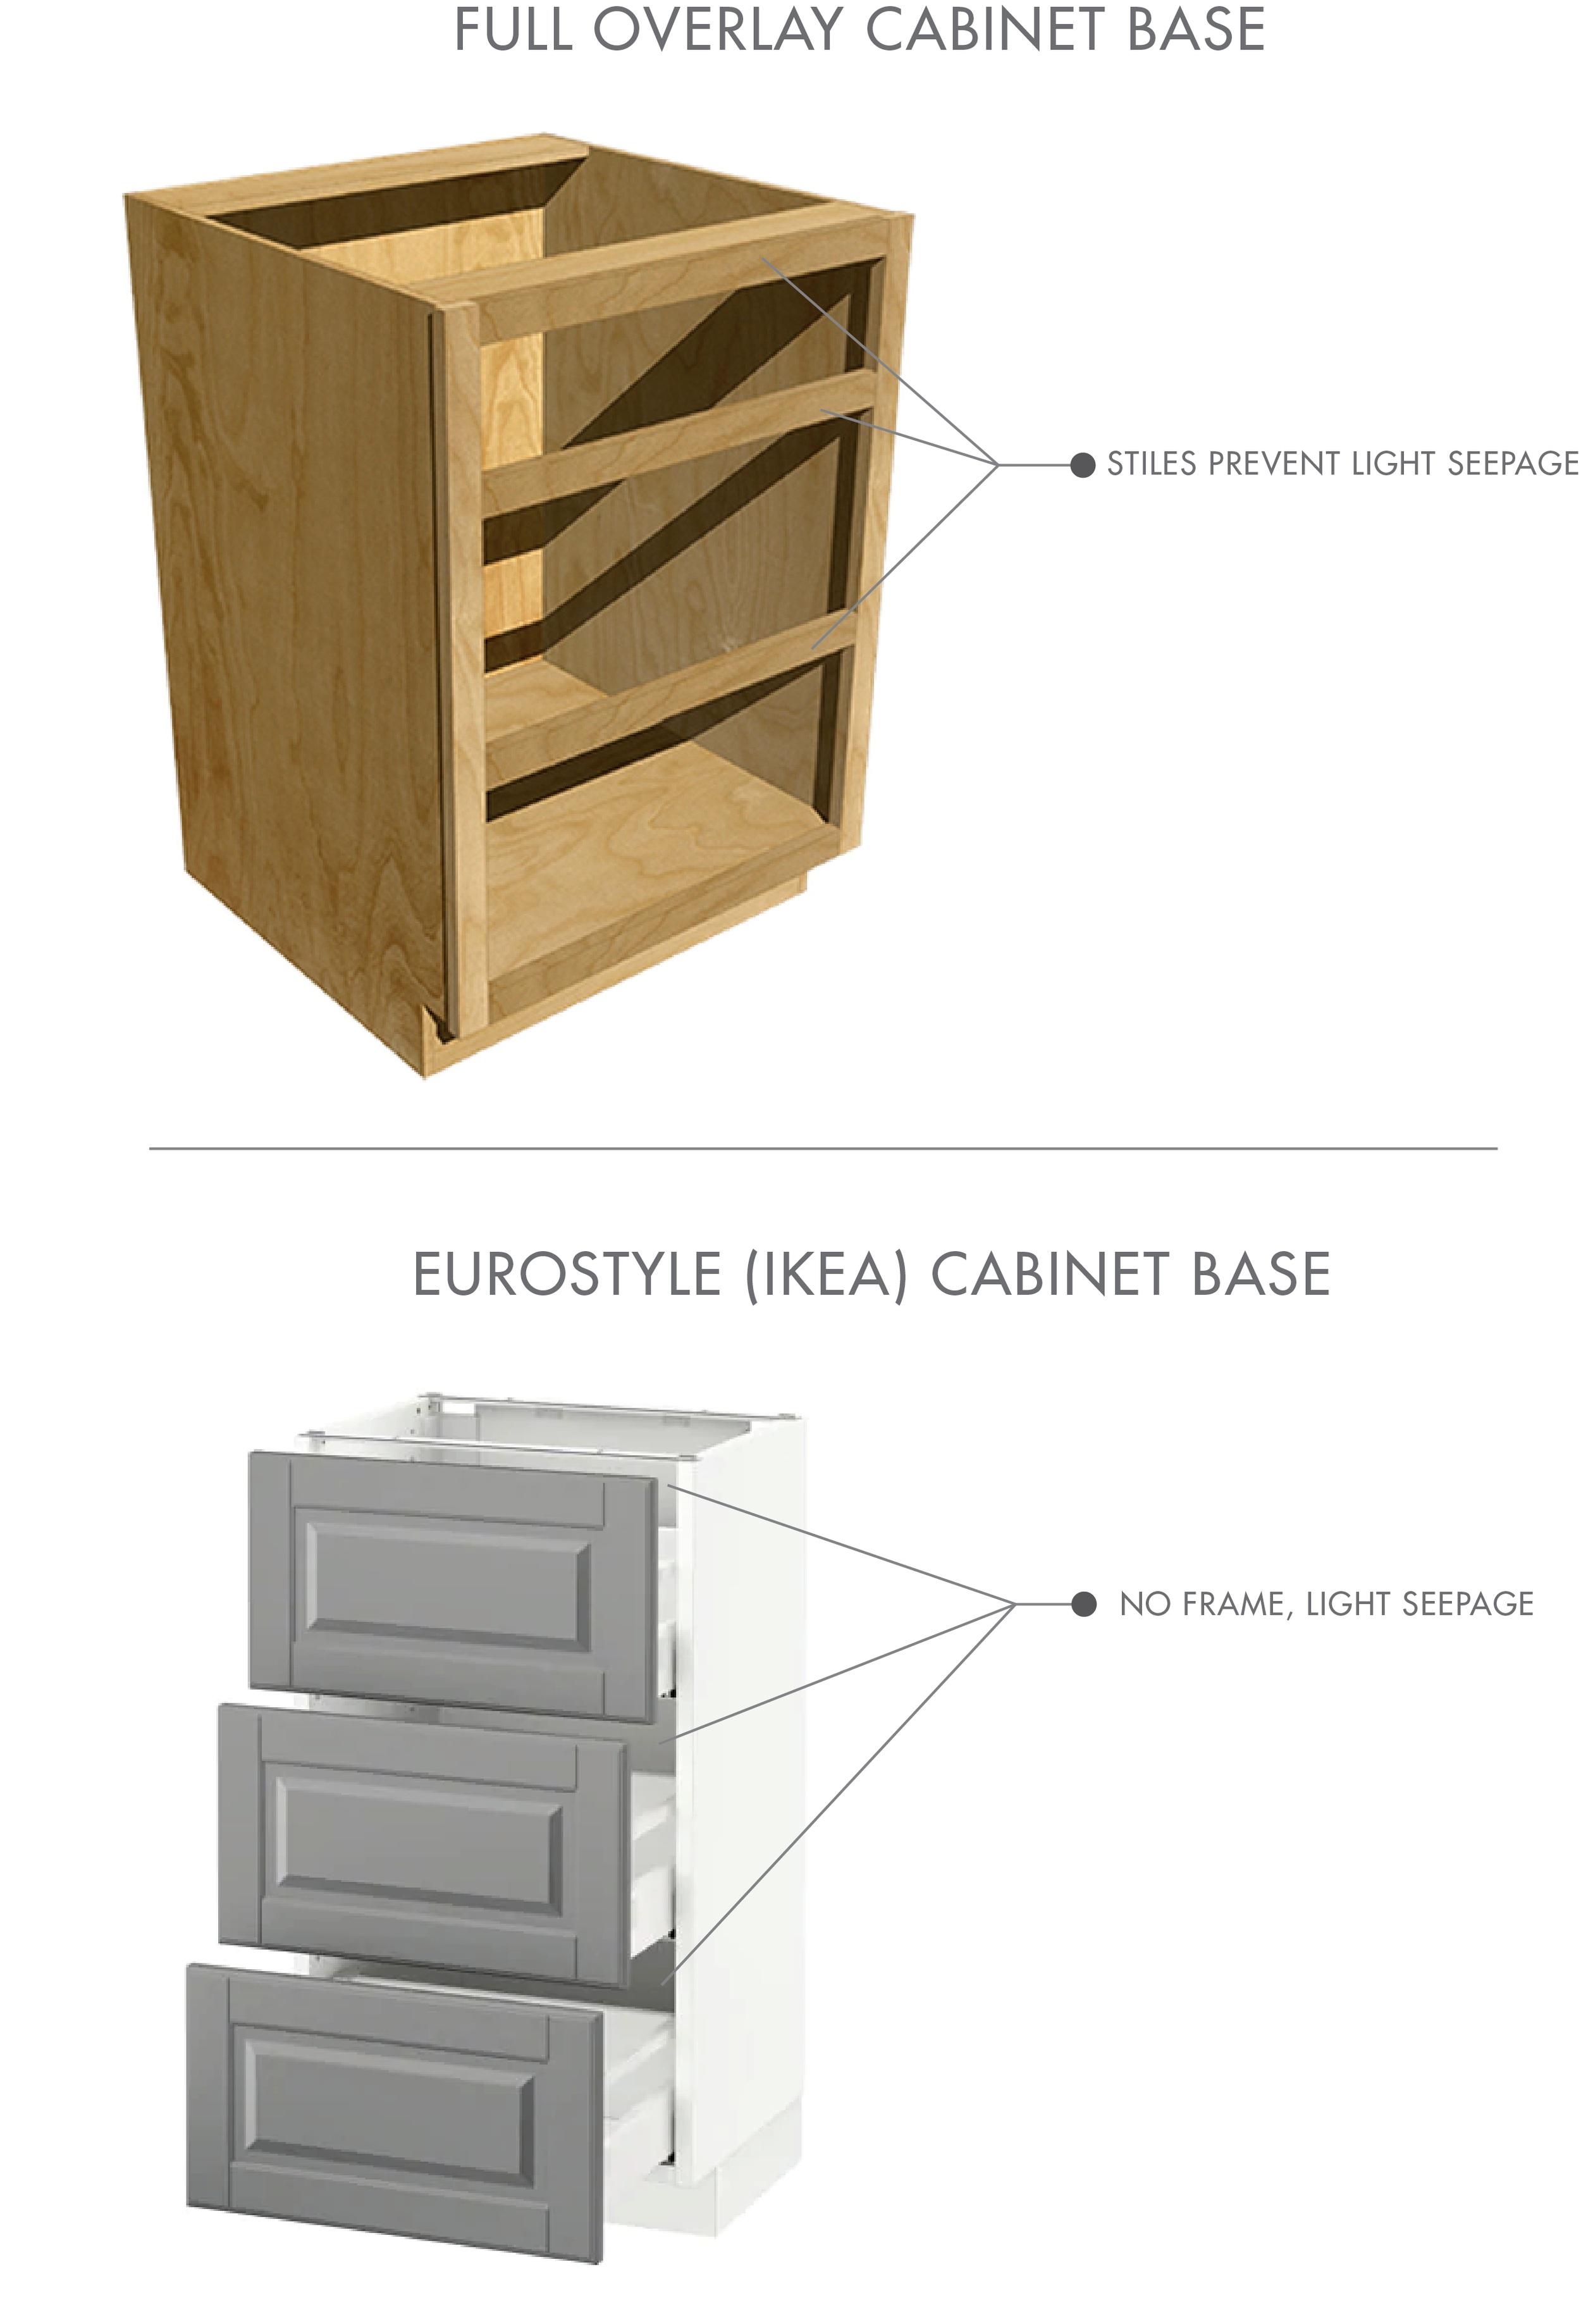 full overlay vs eurostyle cabinet base (ikea)